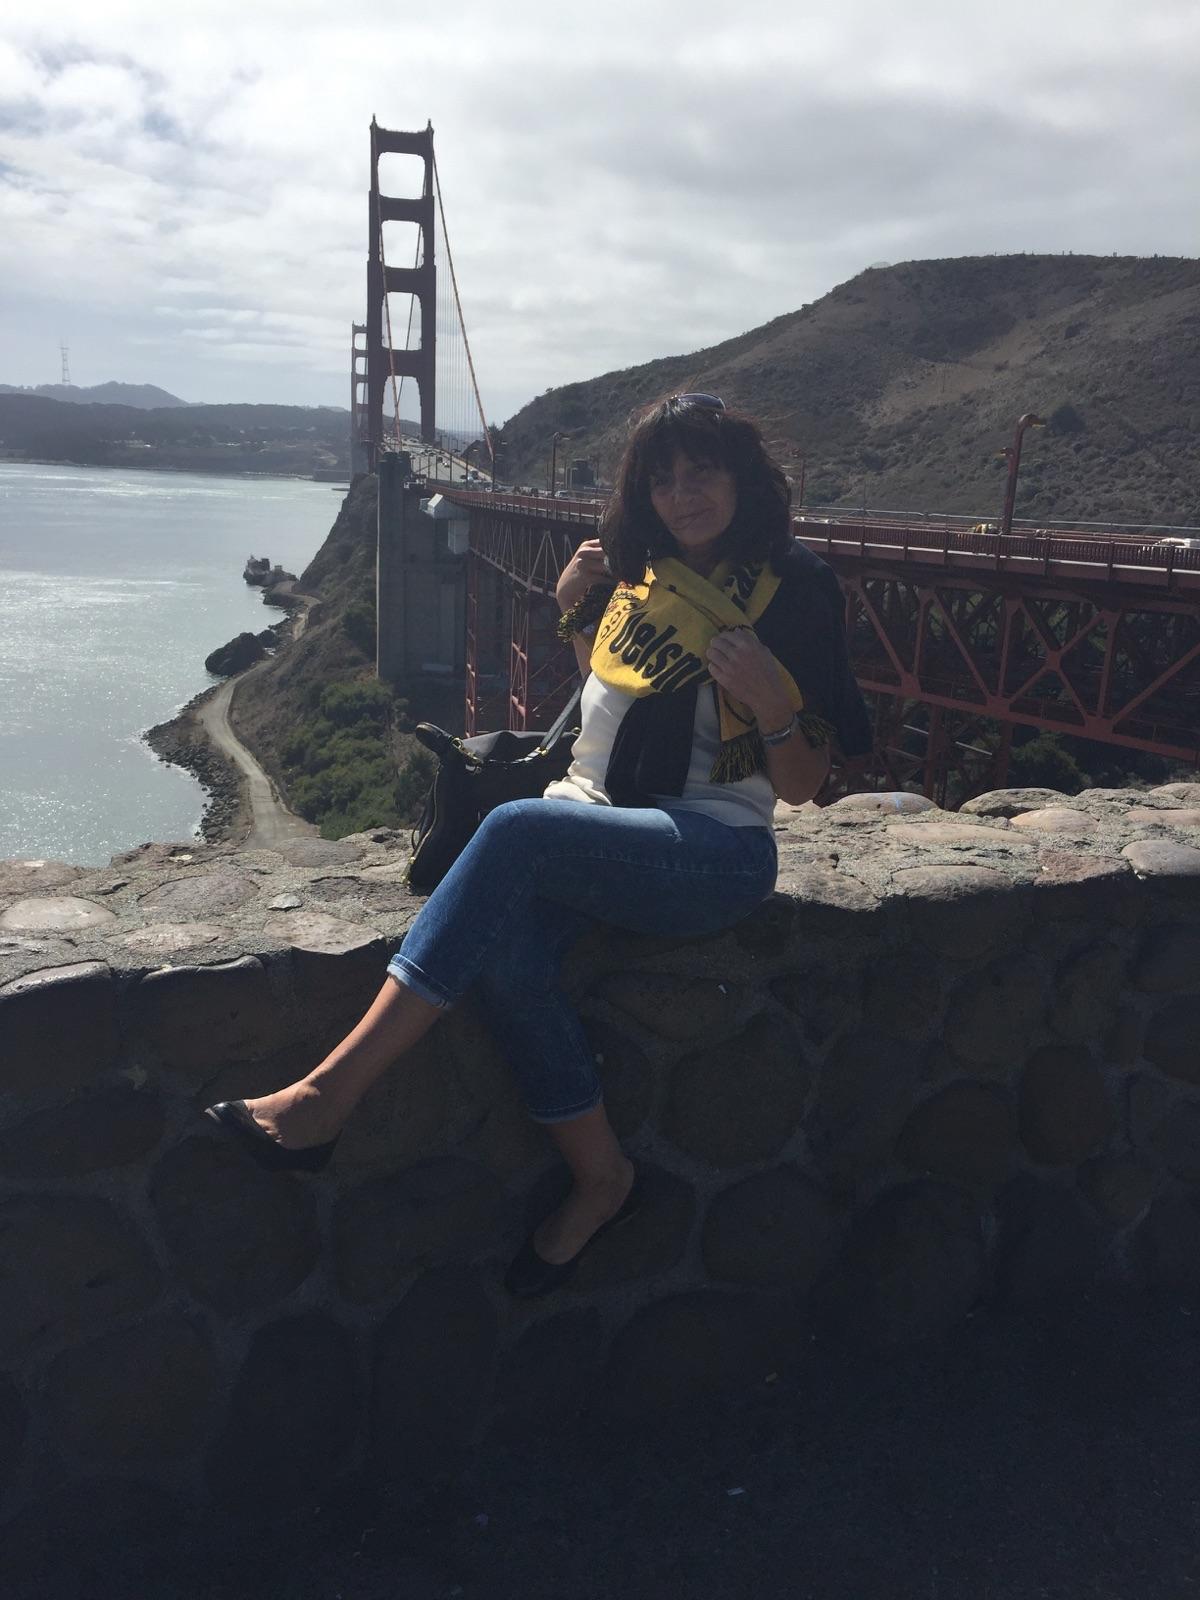 San Francisco, 9261 km